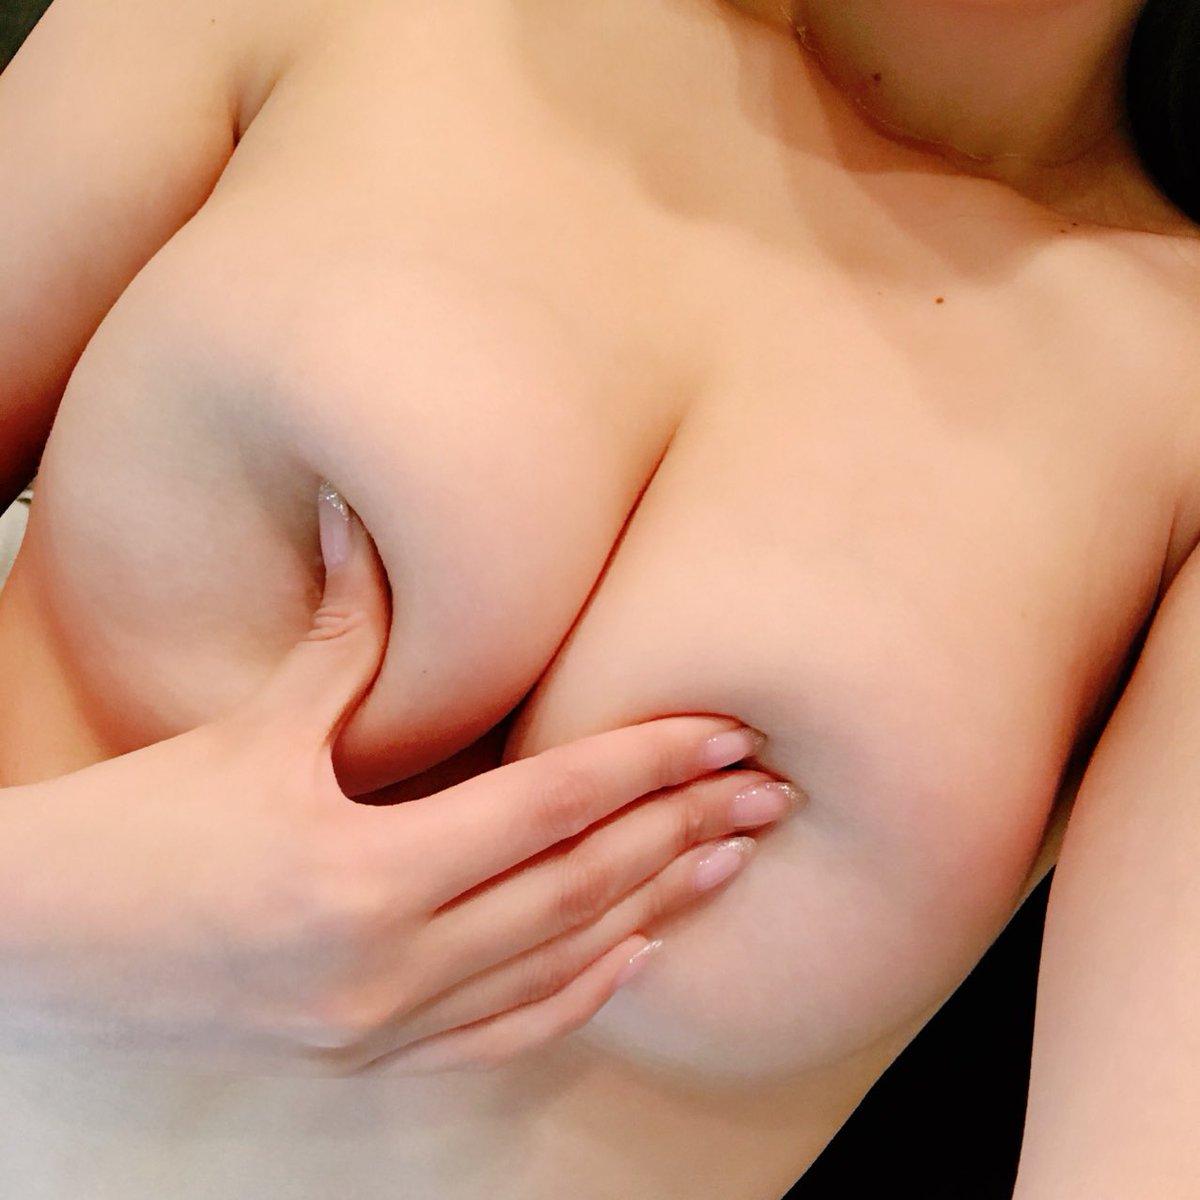 【橘メアリーエロ画像】元歯科衛生士で他資格も多数な国際派巨乳美女・橘メアリー!(;´Д`)